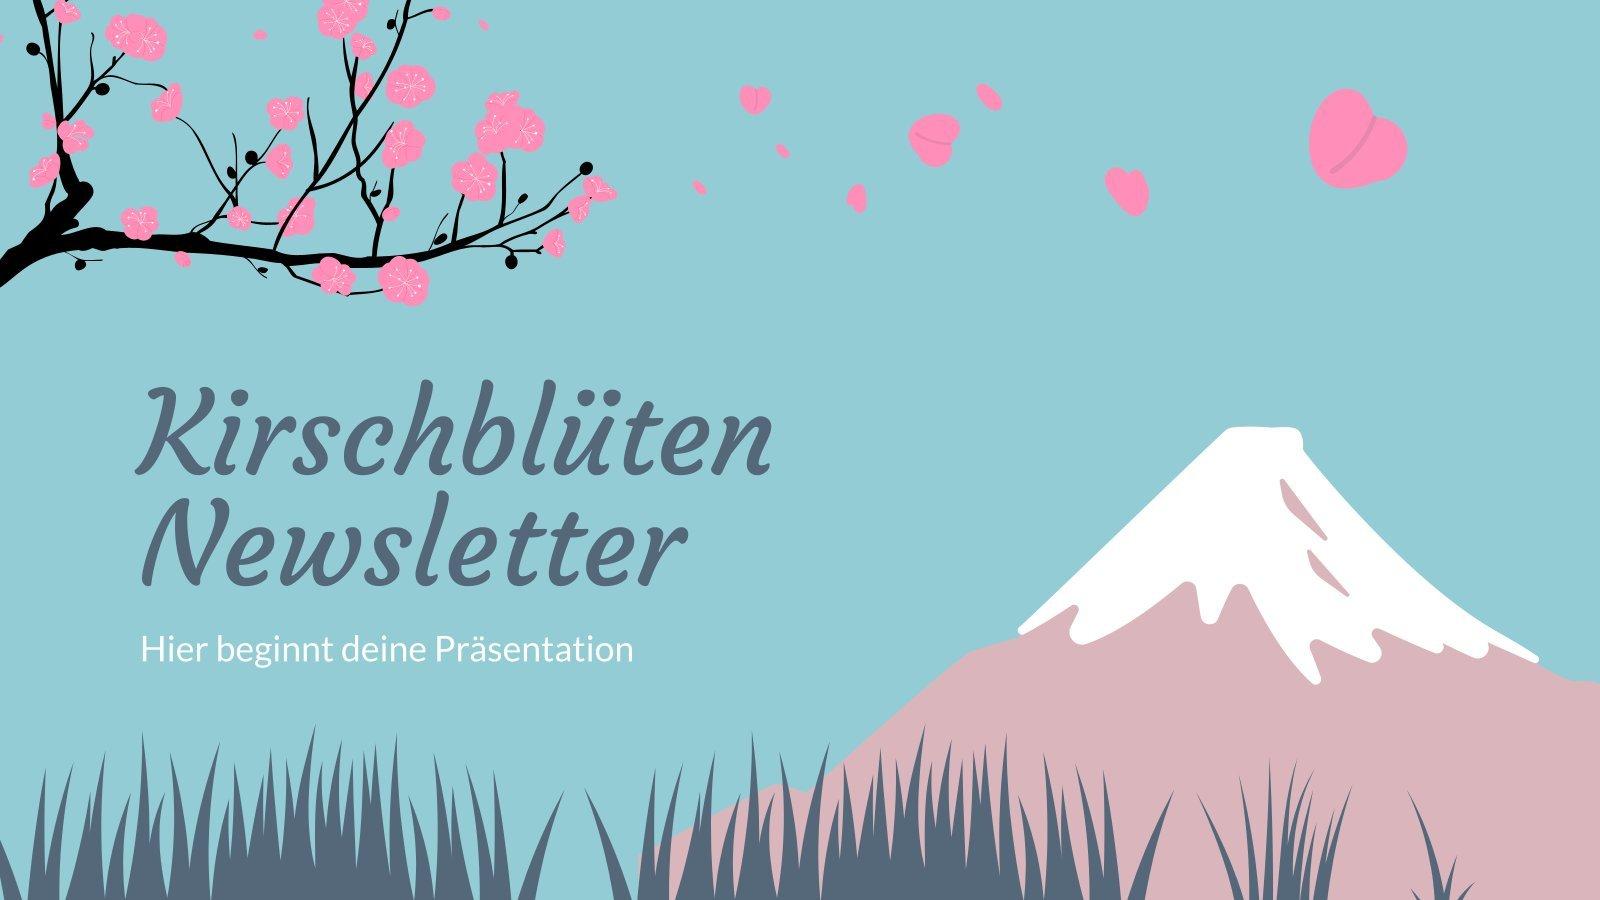 Kirschblüten-Newsletter presentation template